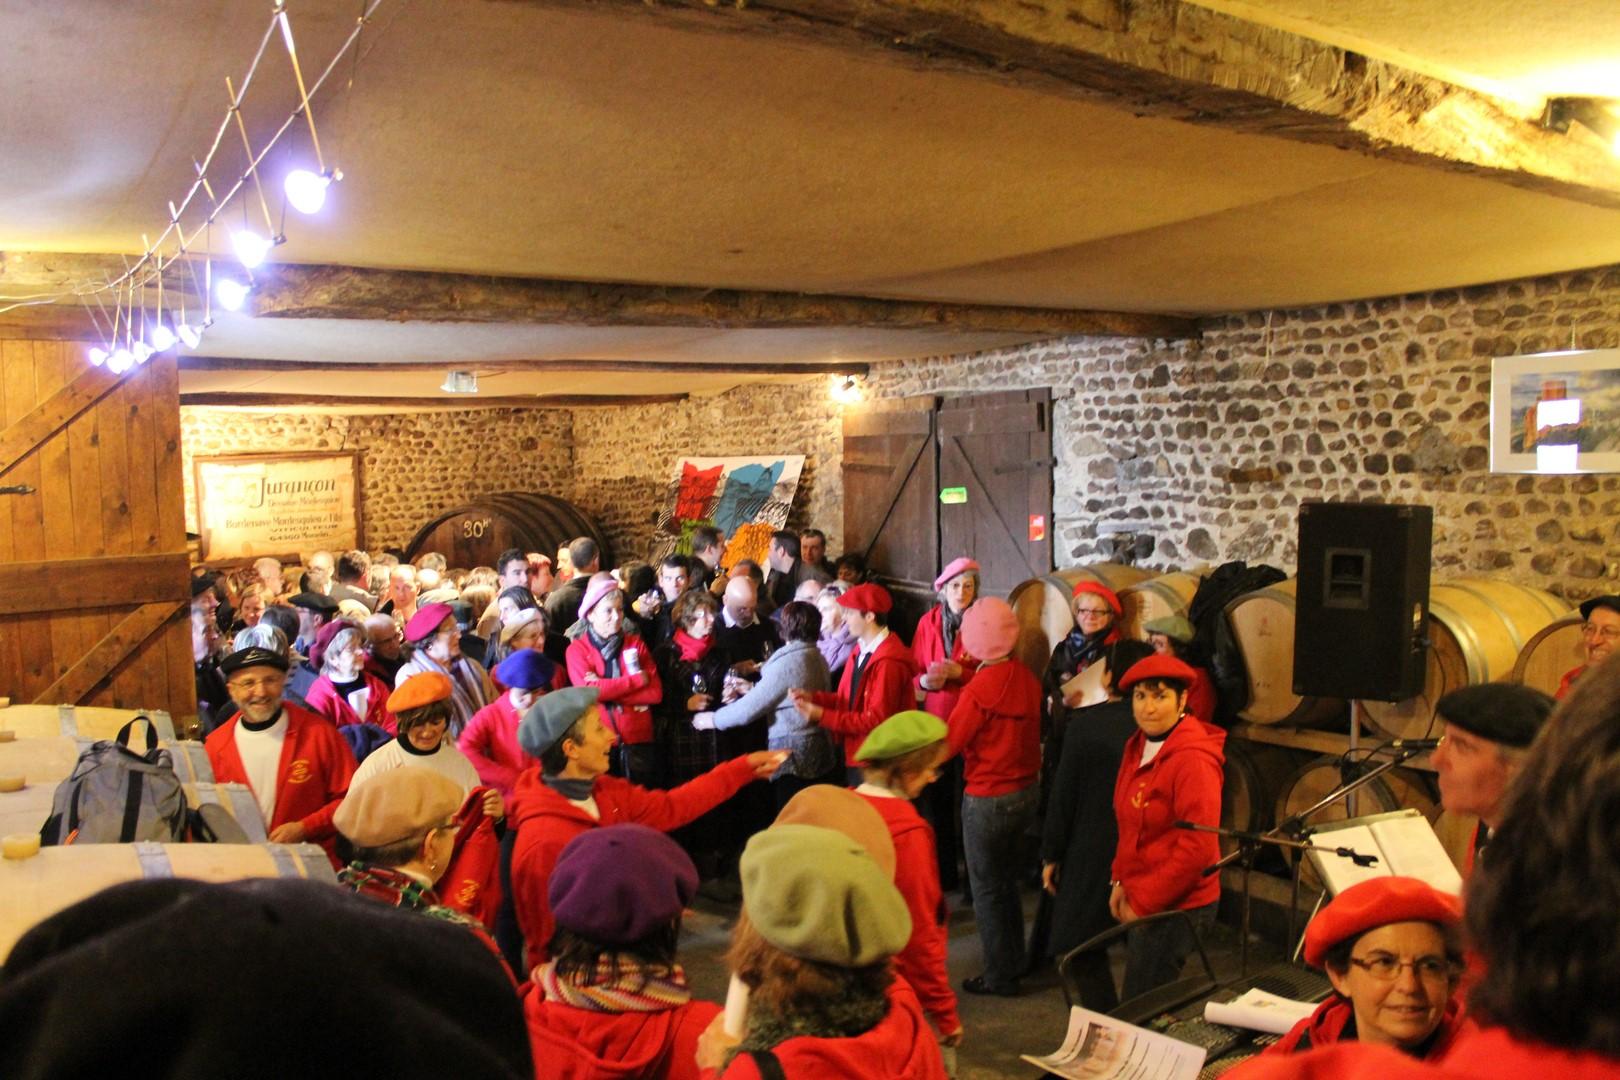 Portes ouvertes sur la route des vins du Jurançon - LUCQ-DE-BEARN